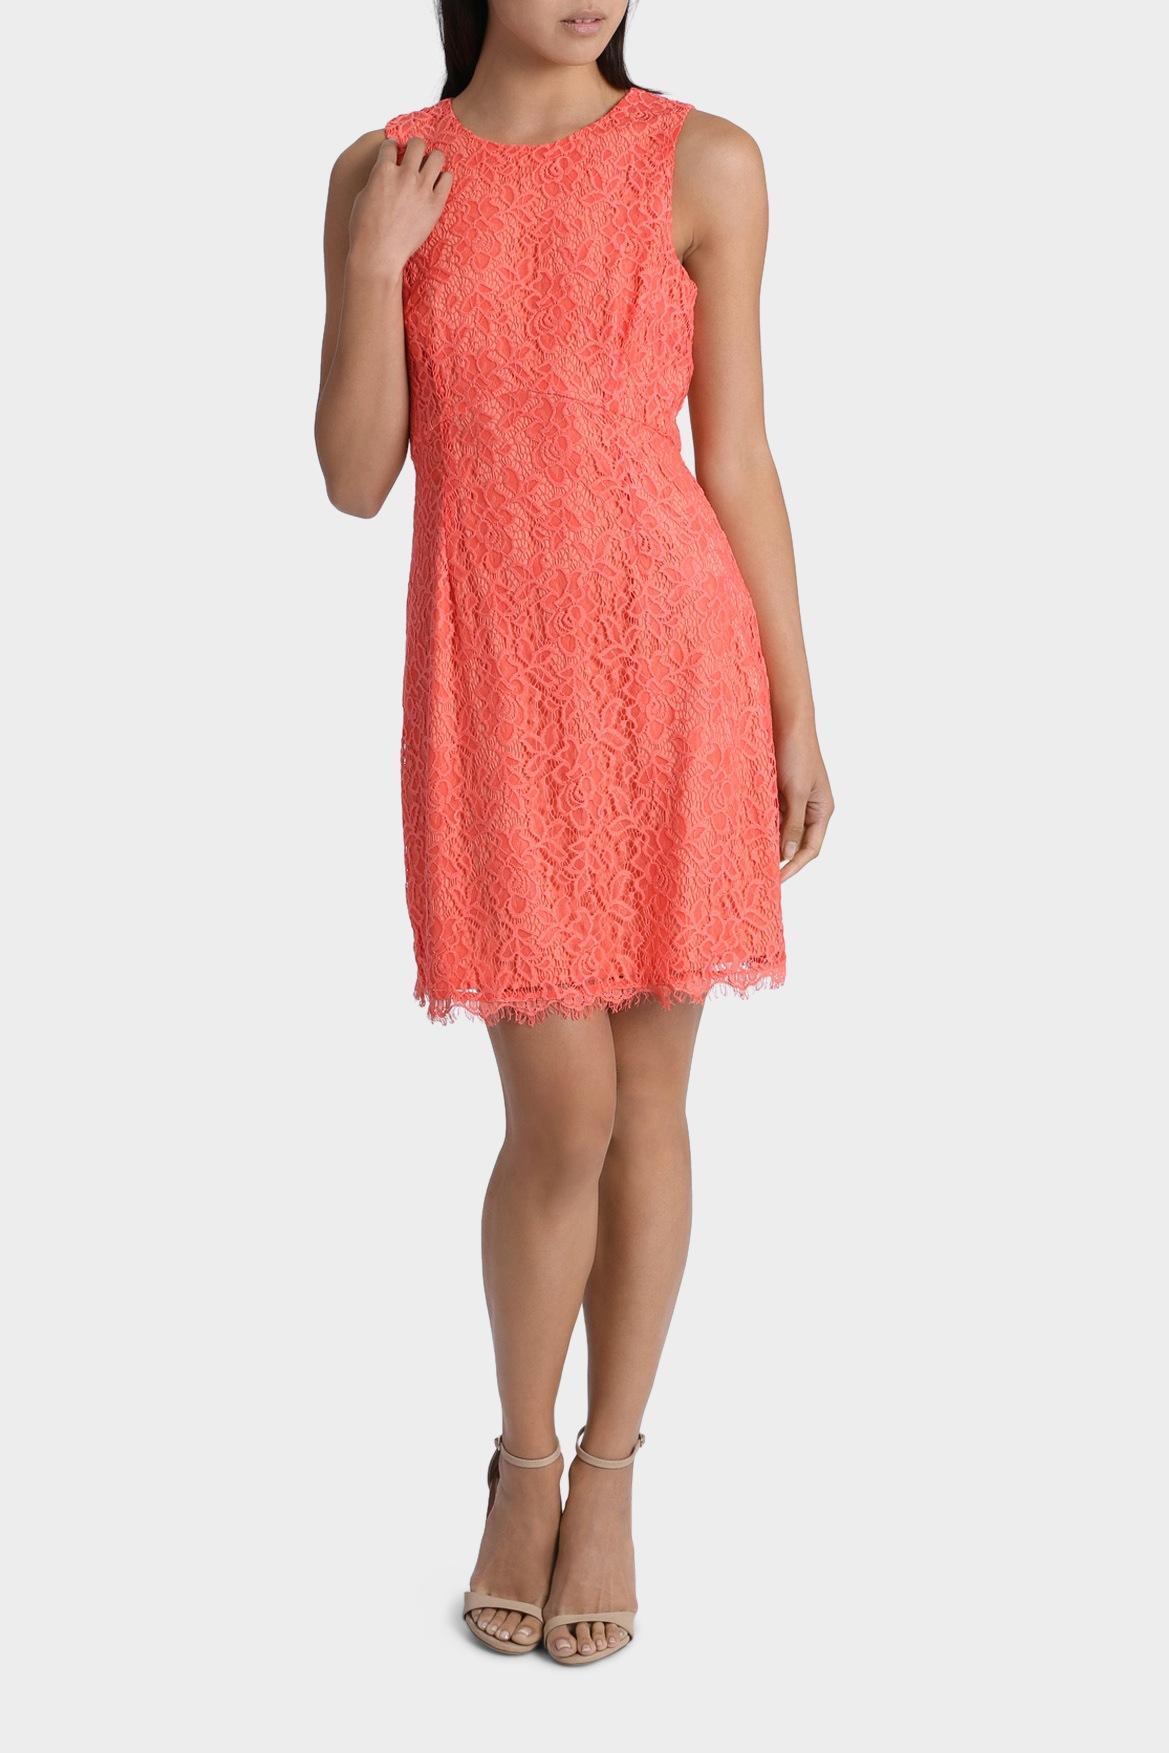 Jenny lace dress